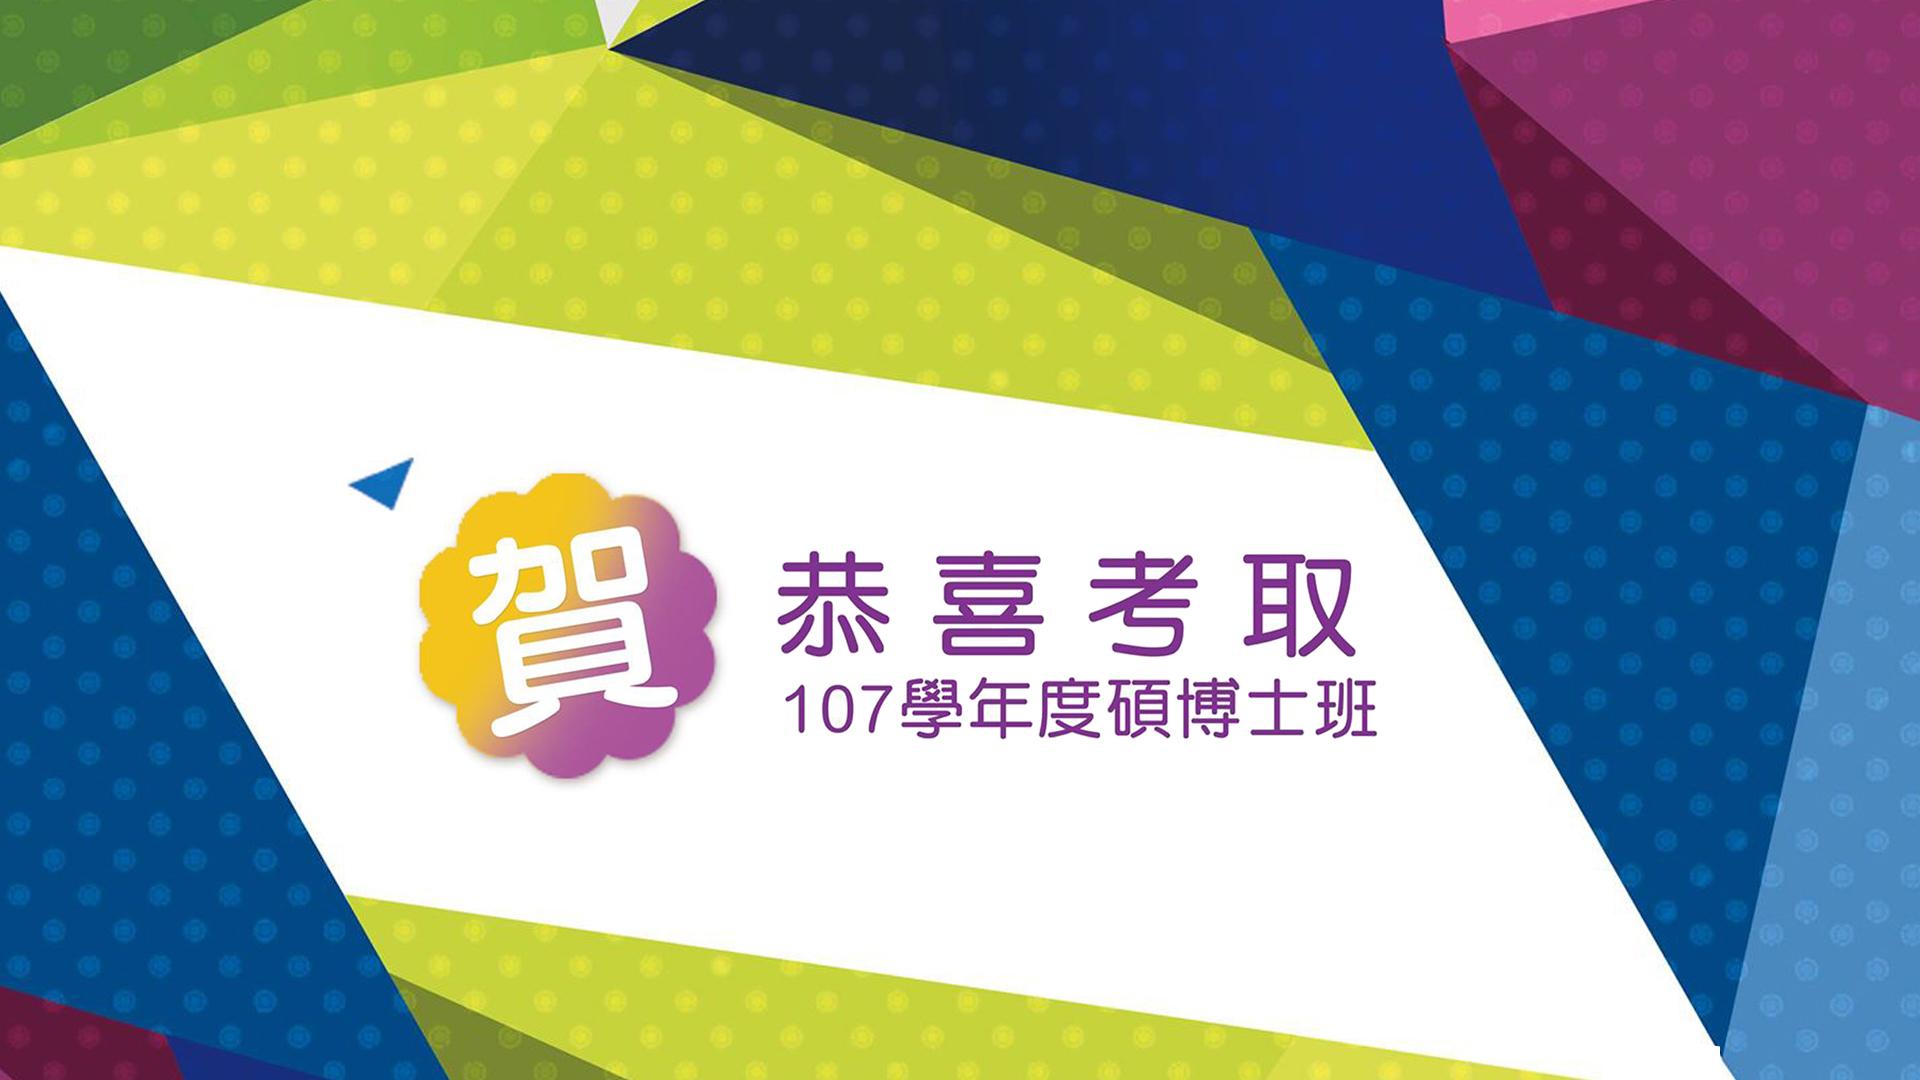 【金榜題名】狂賀107級簡毓萱同學考取_國立高雄師範大學-視覺設計系碩士班。